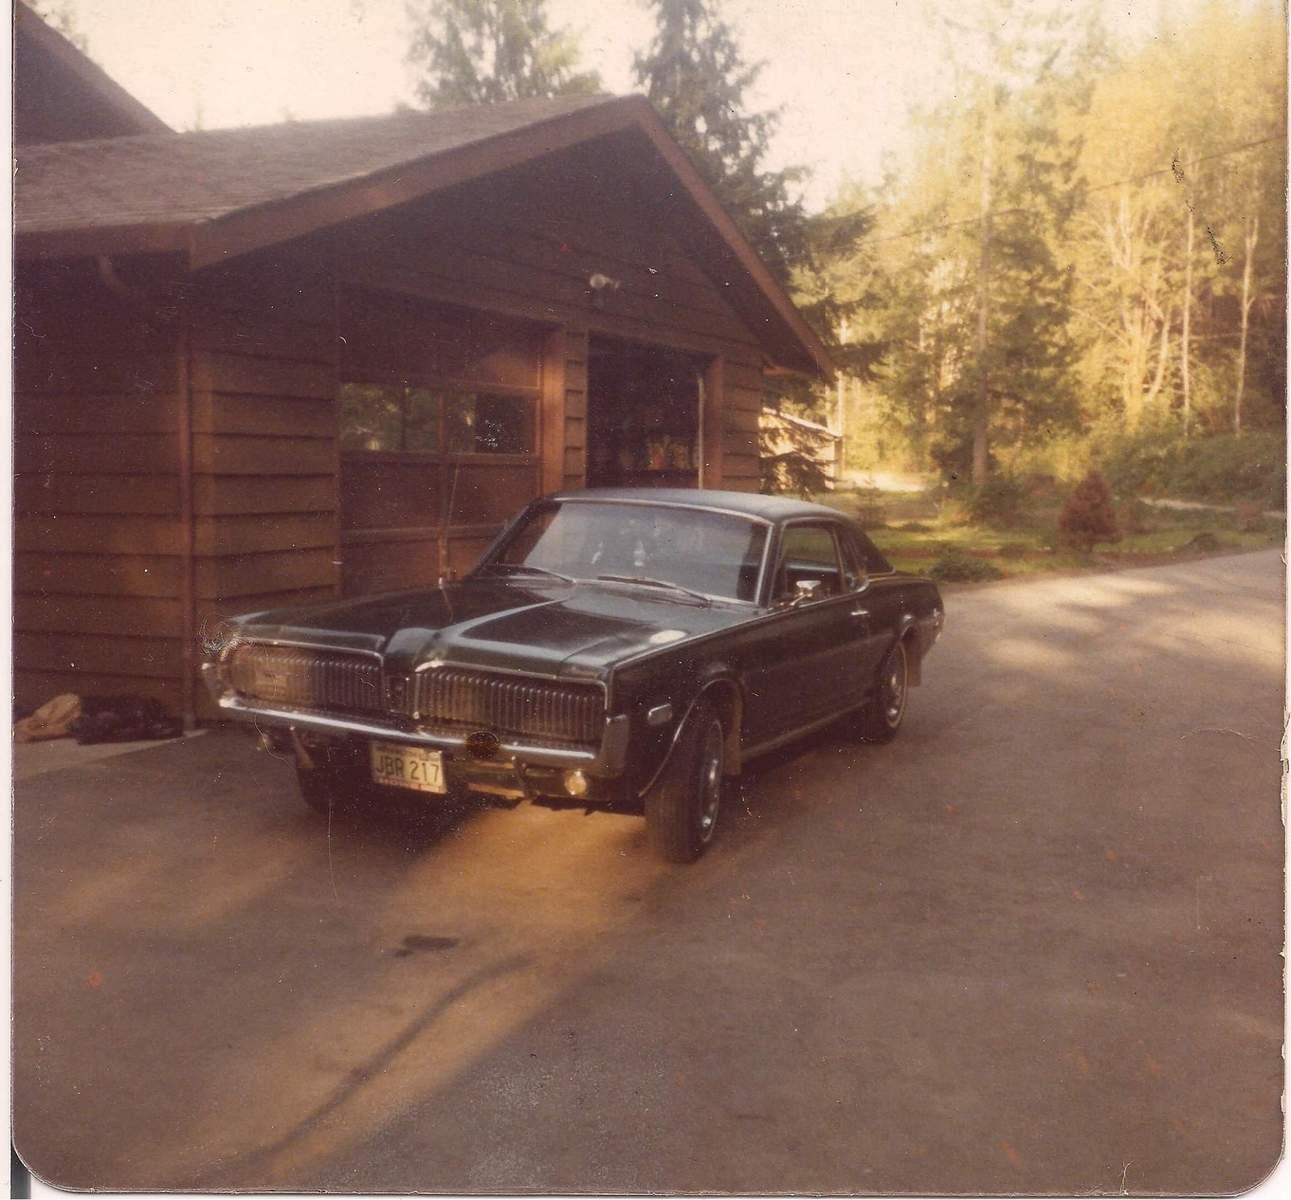 http://uploads.bmxmuseum.com/user-images/93155/image58d550a3e8.jpg